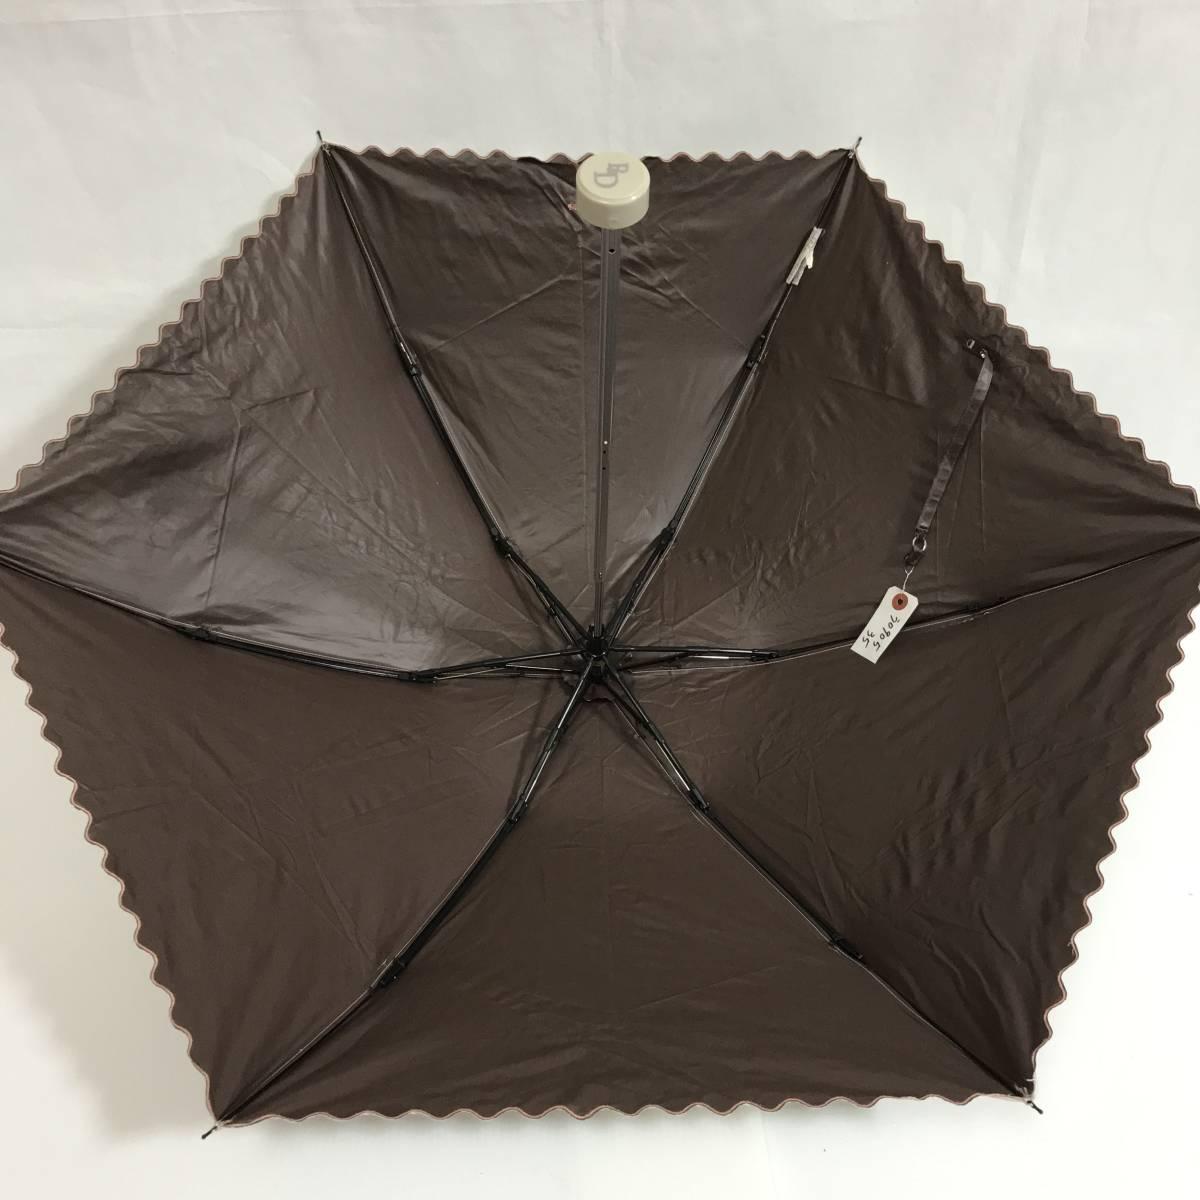 う090535 中古 Pinky&Dianne ピンキー&ダイアン AURORA オーロラ 晴雨兼用 雨傘 日傘 折りたたみ傘 女性用_画像2